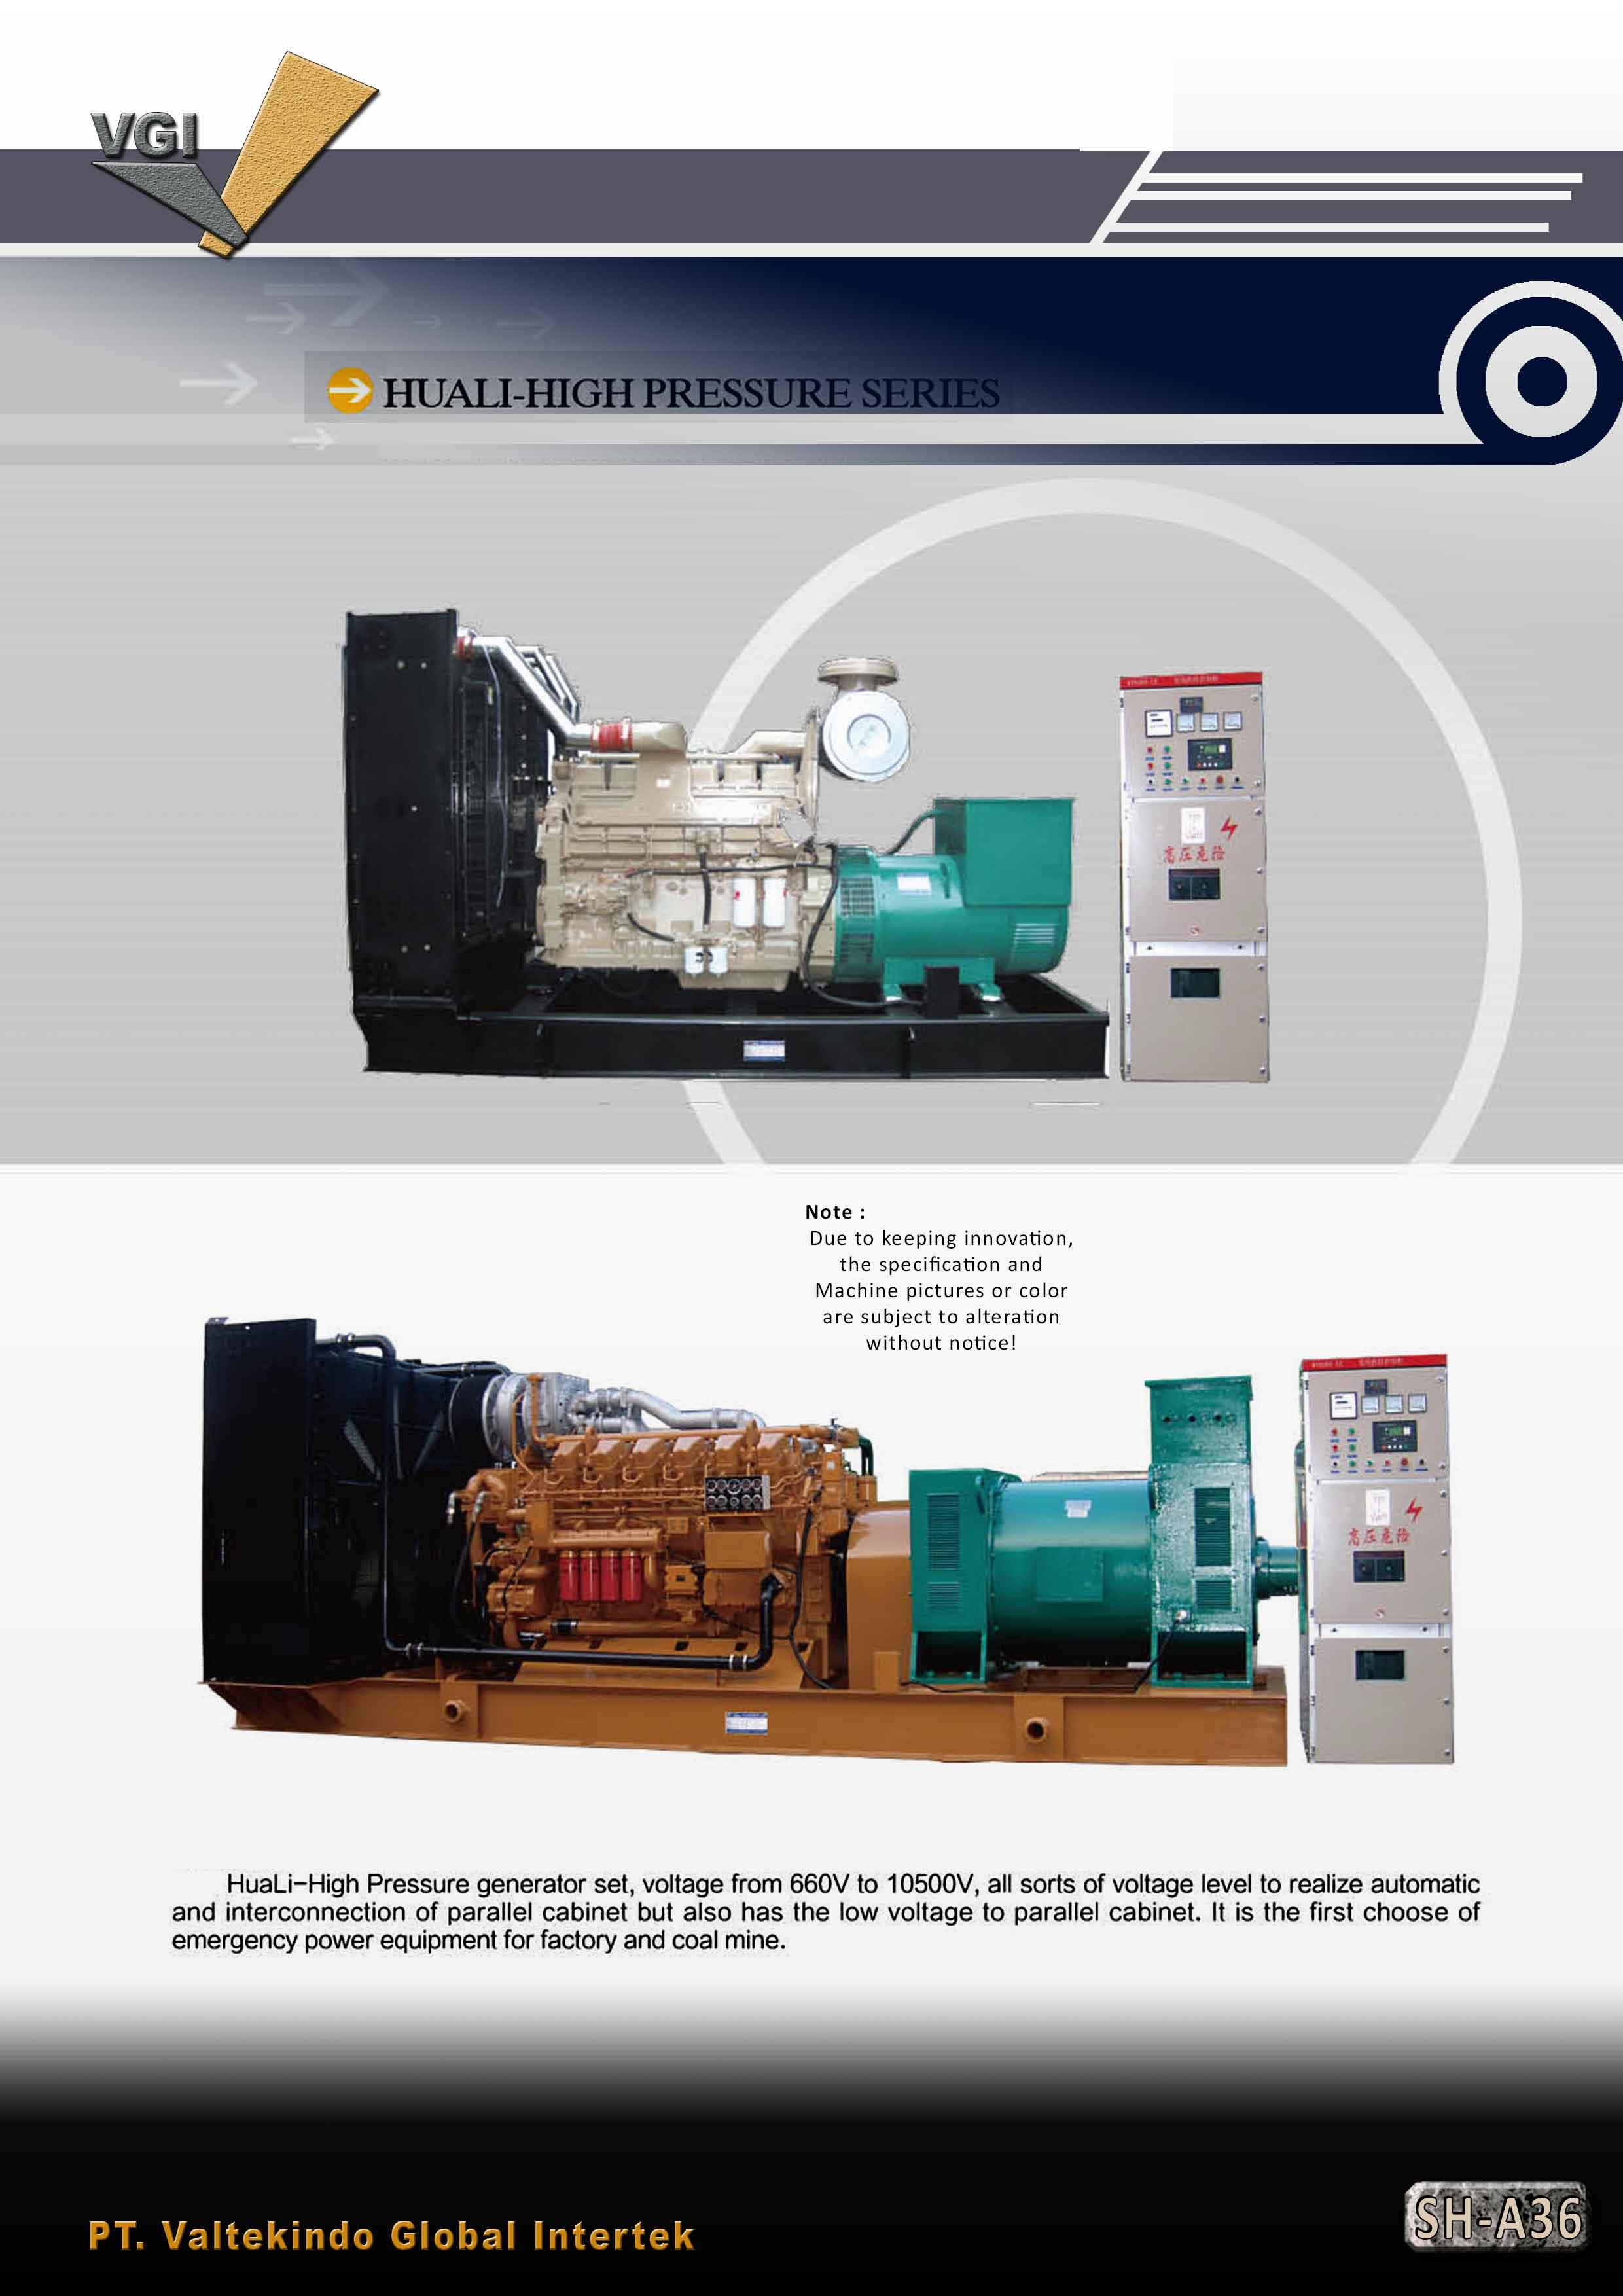 jual mesin, harga mesin, distributor mesin, jual mesin karet, daur ulang plastik Huali High Pressure Series Huali High Pressure Series